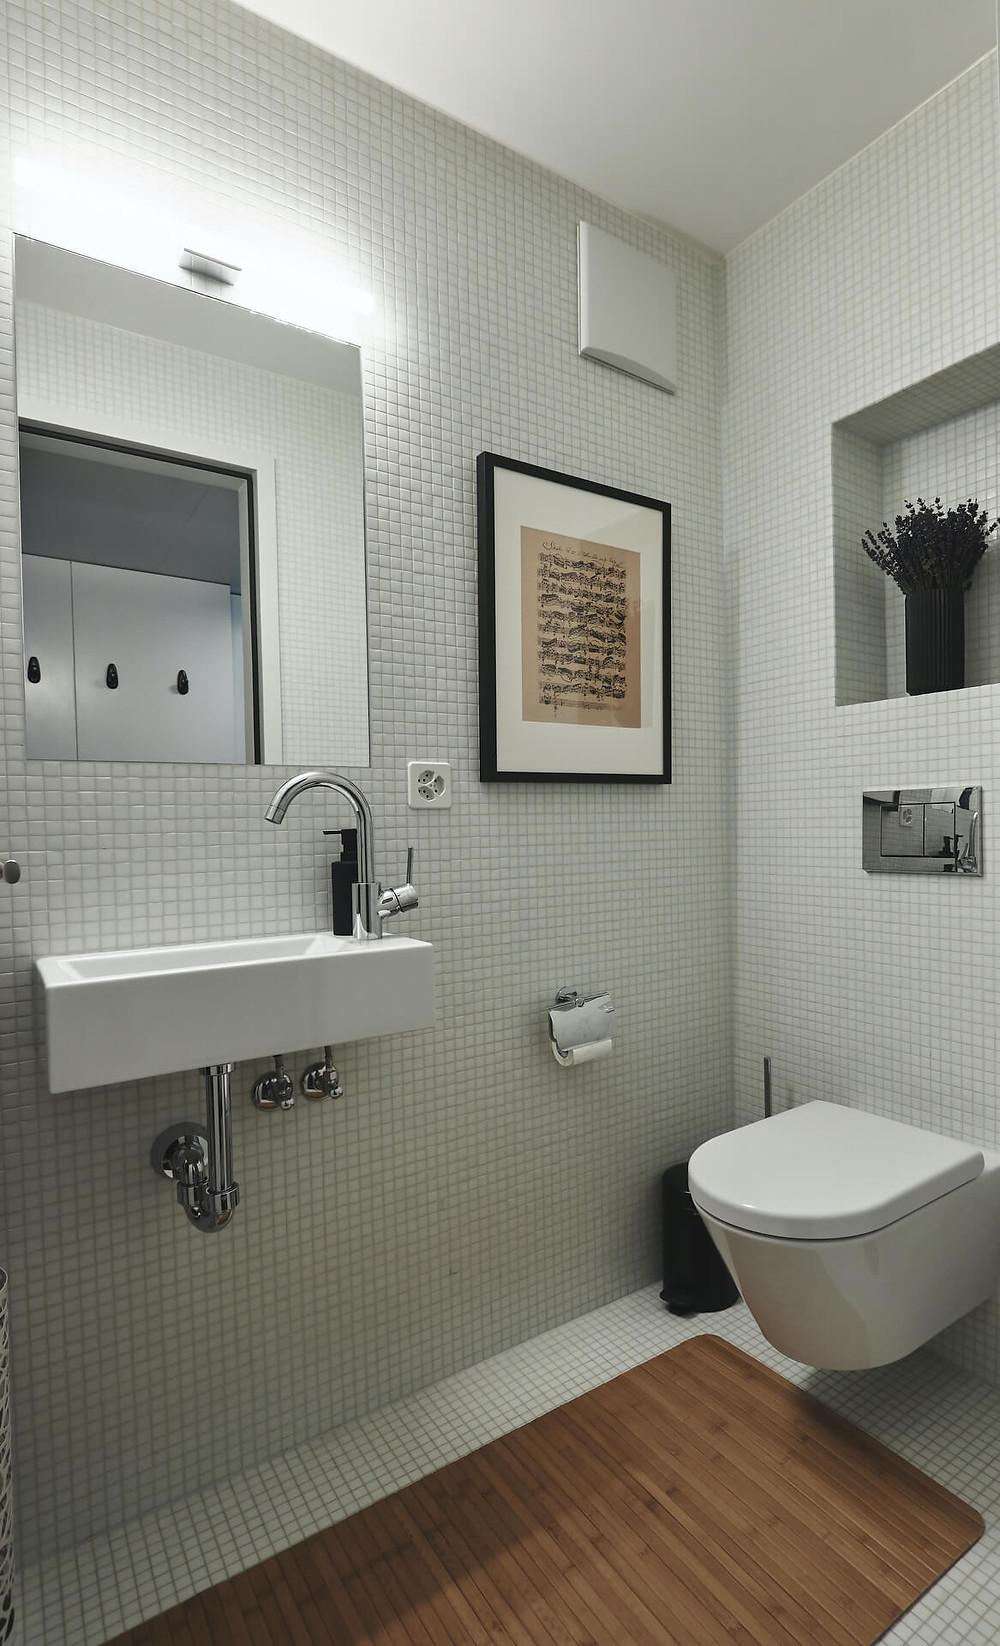 edle Gästetoilette dank Bild, Vase/Blumen und Bambus-Teppich